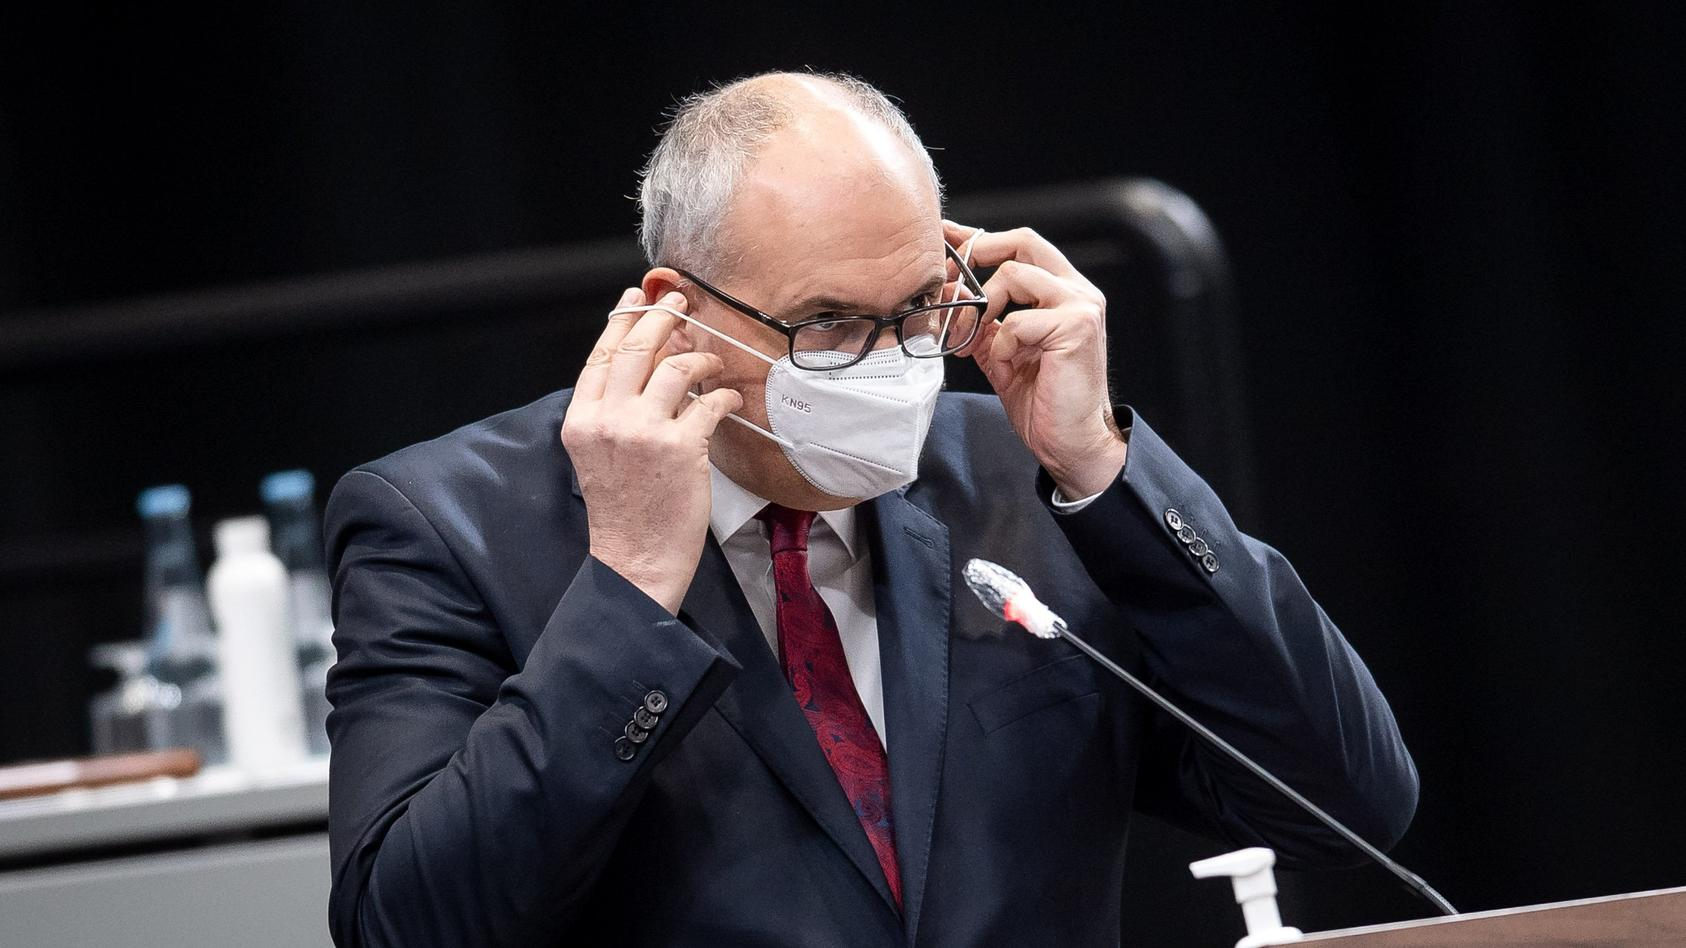 Bremens Bürgermeister Andreas Bovenschulte setzt sich seine Maske auf (Symbolbild)